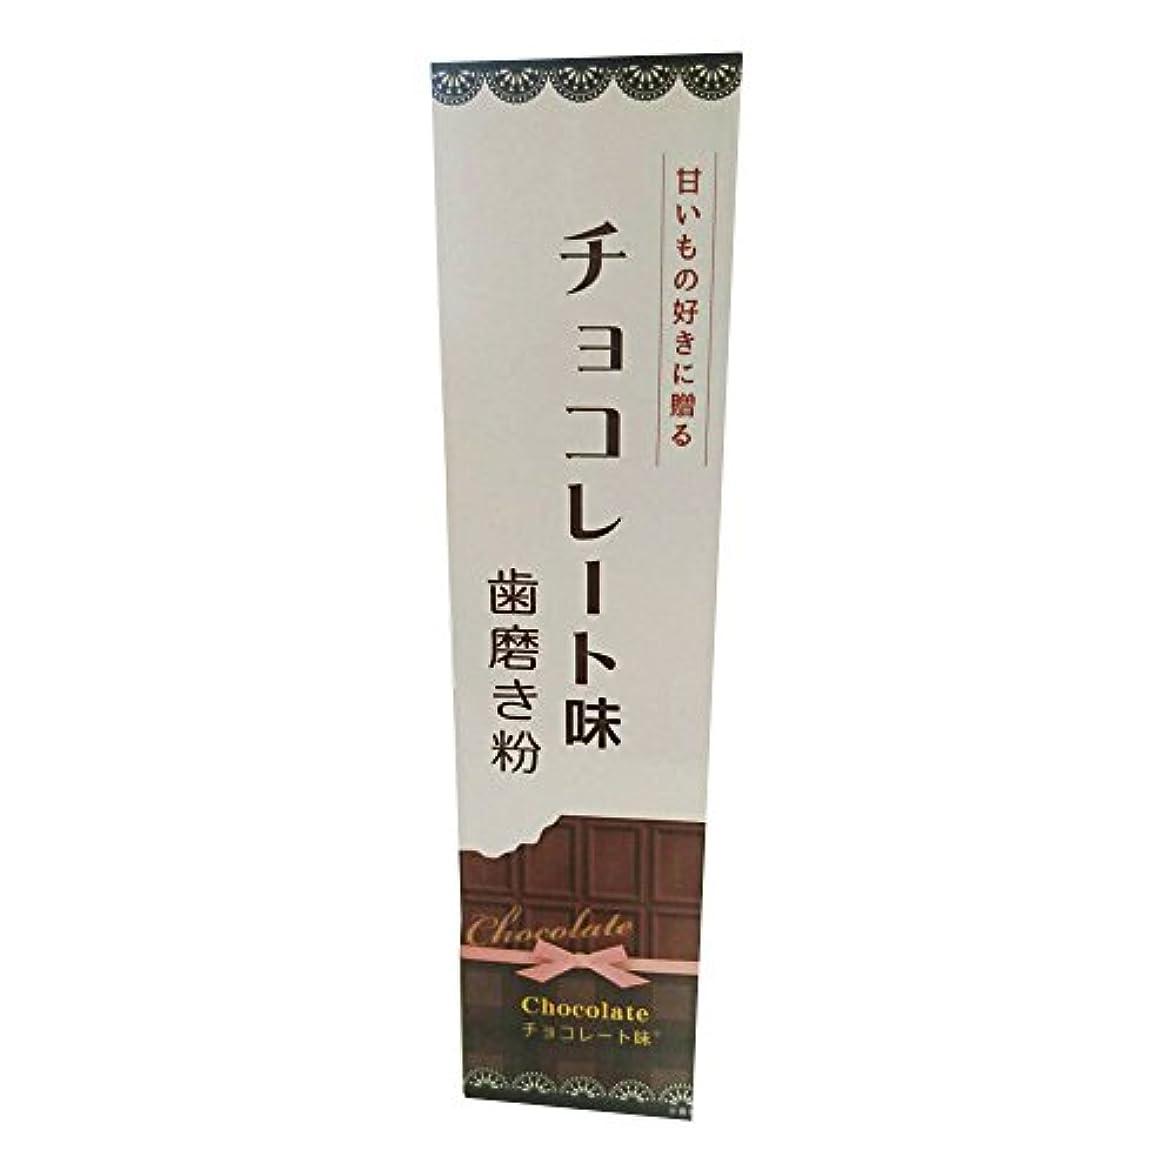 植木極地錆びフレーバー歯磨き粉チョコレート味 70g